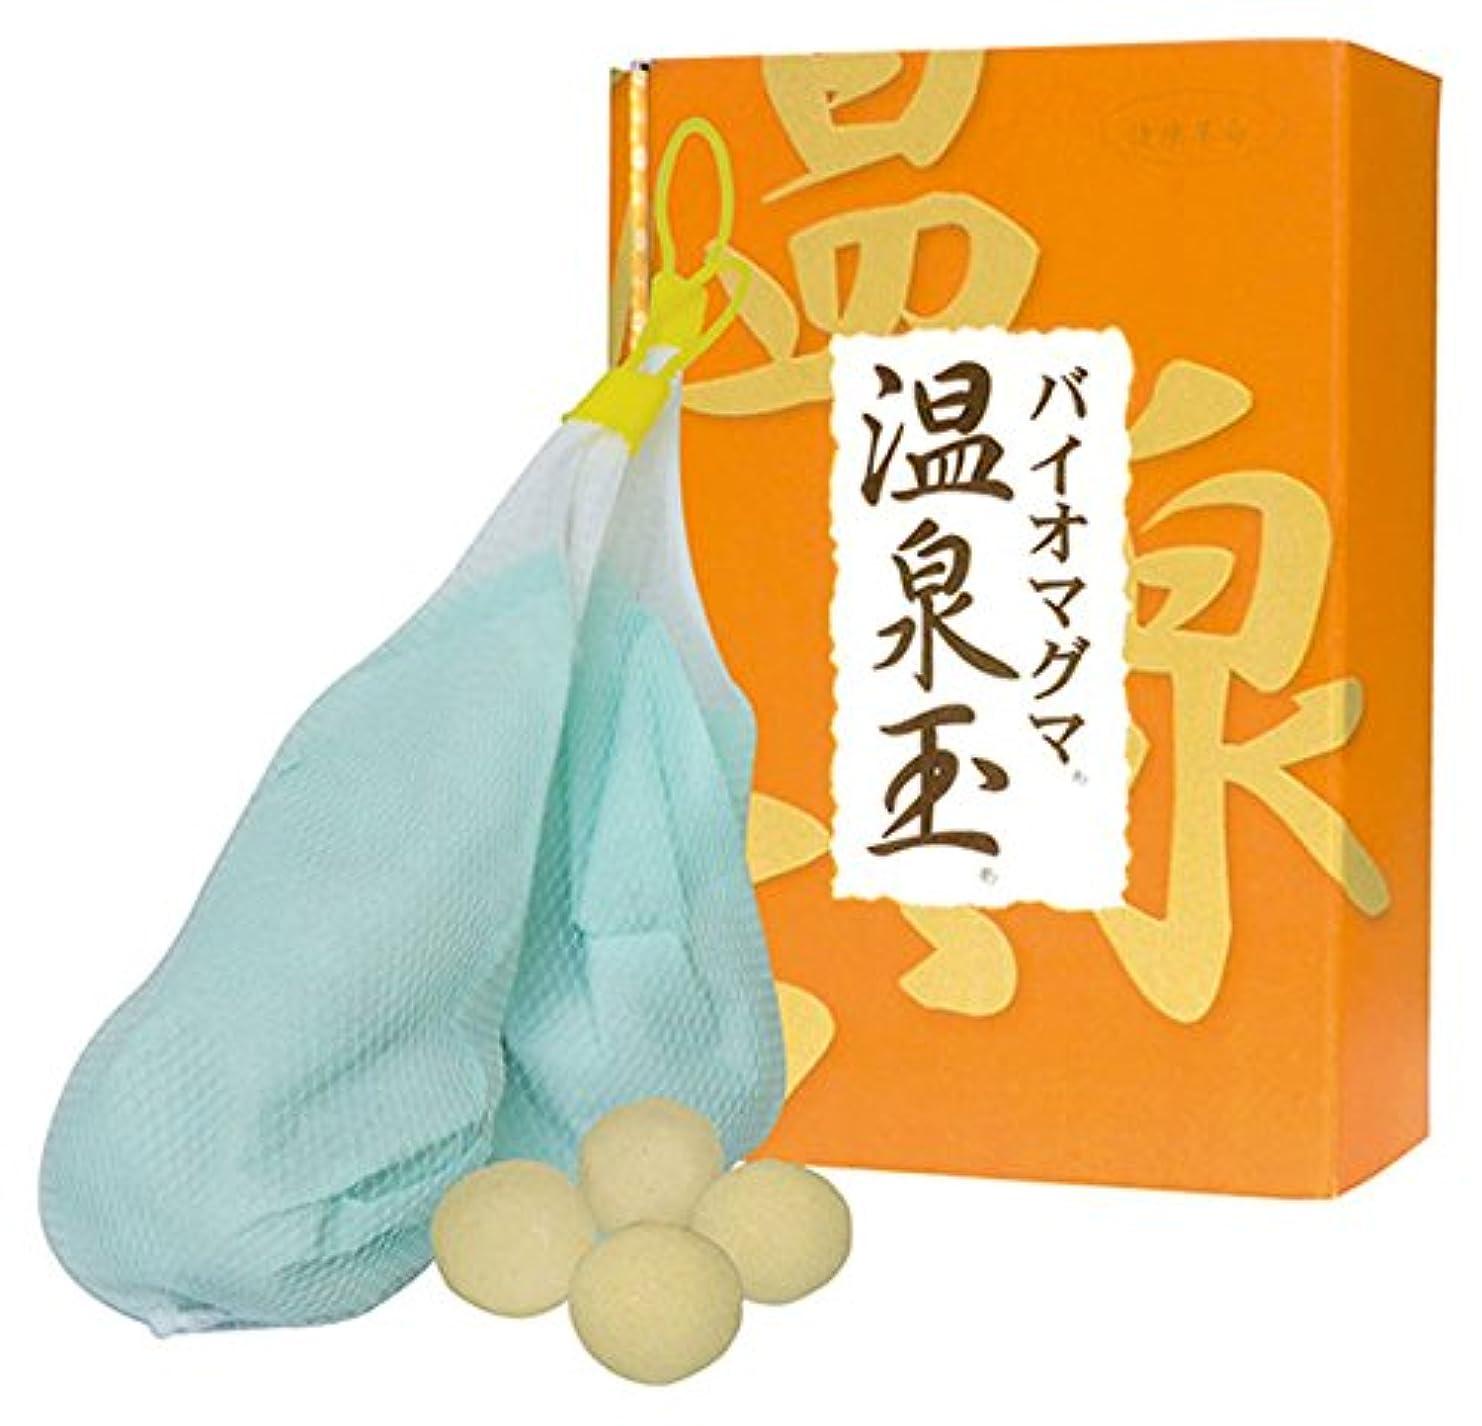 発音するネックレット一掃するゴールド興産 バイオマグマ温泉玉(10玉×2袋) 000536